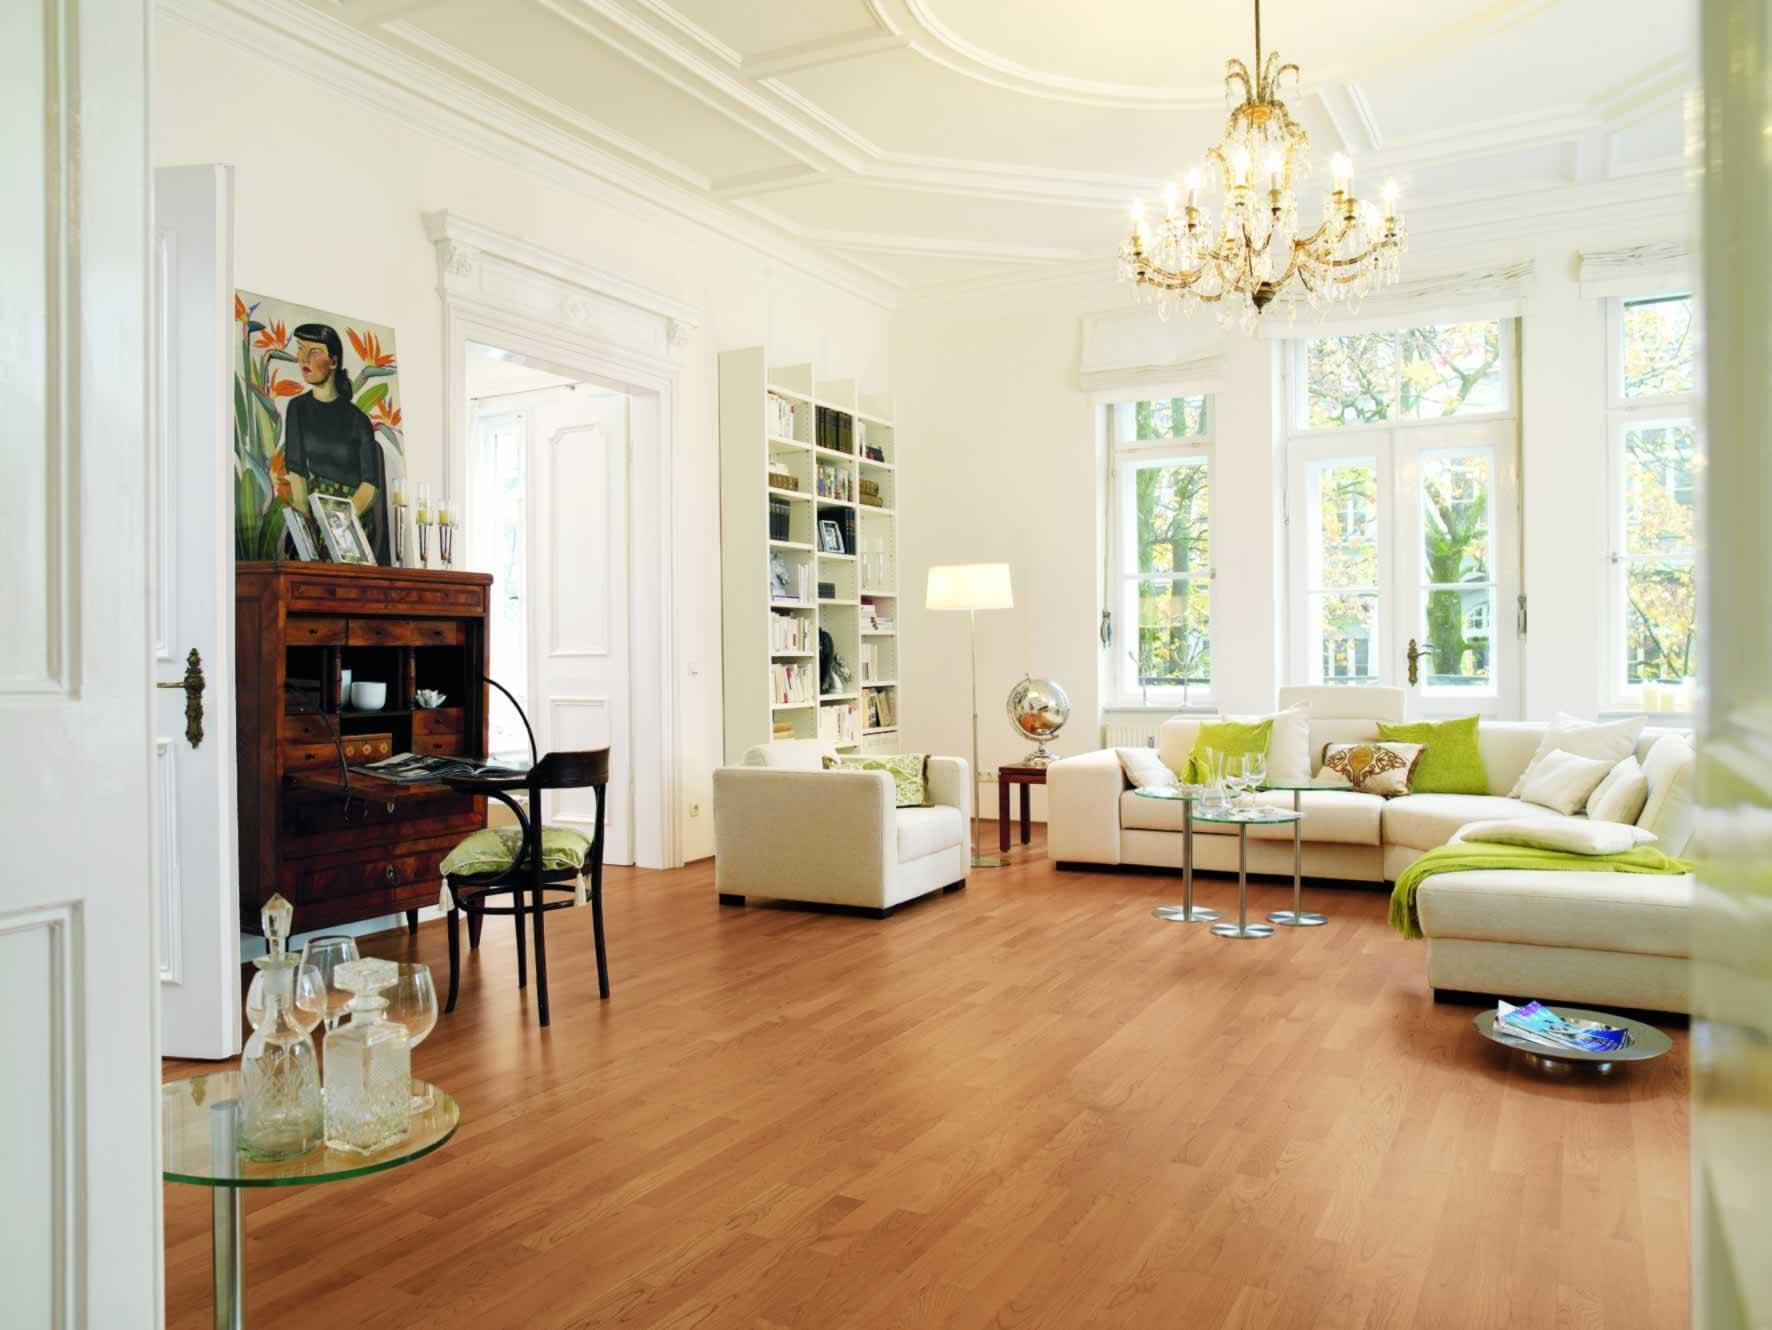 Trouver un appartement en location à Montpellier